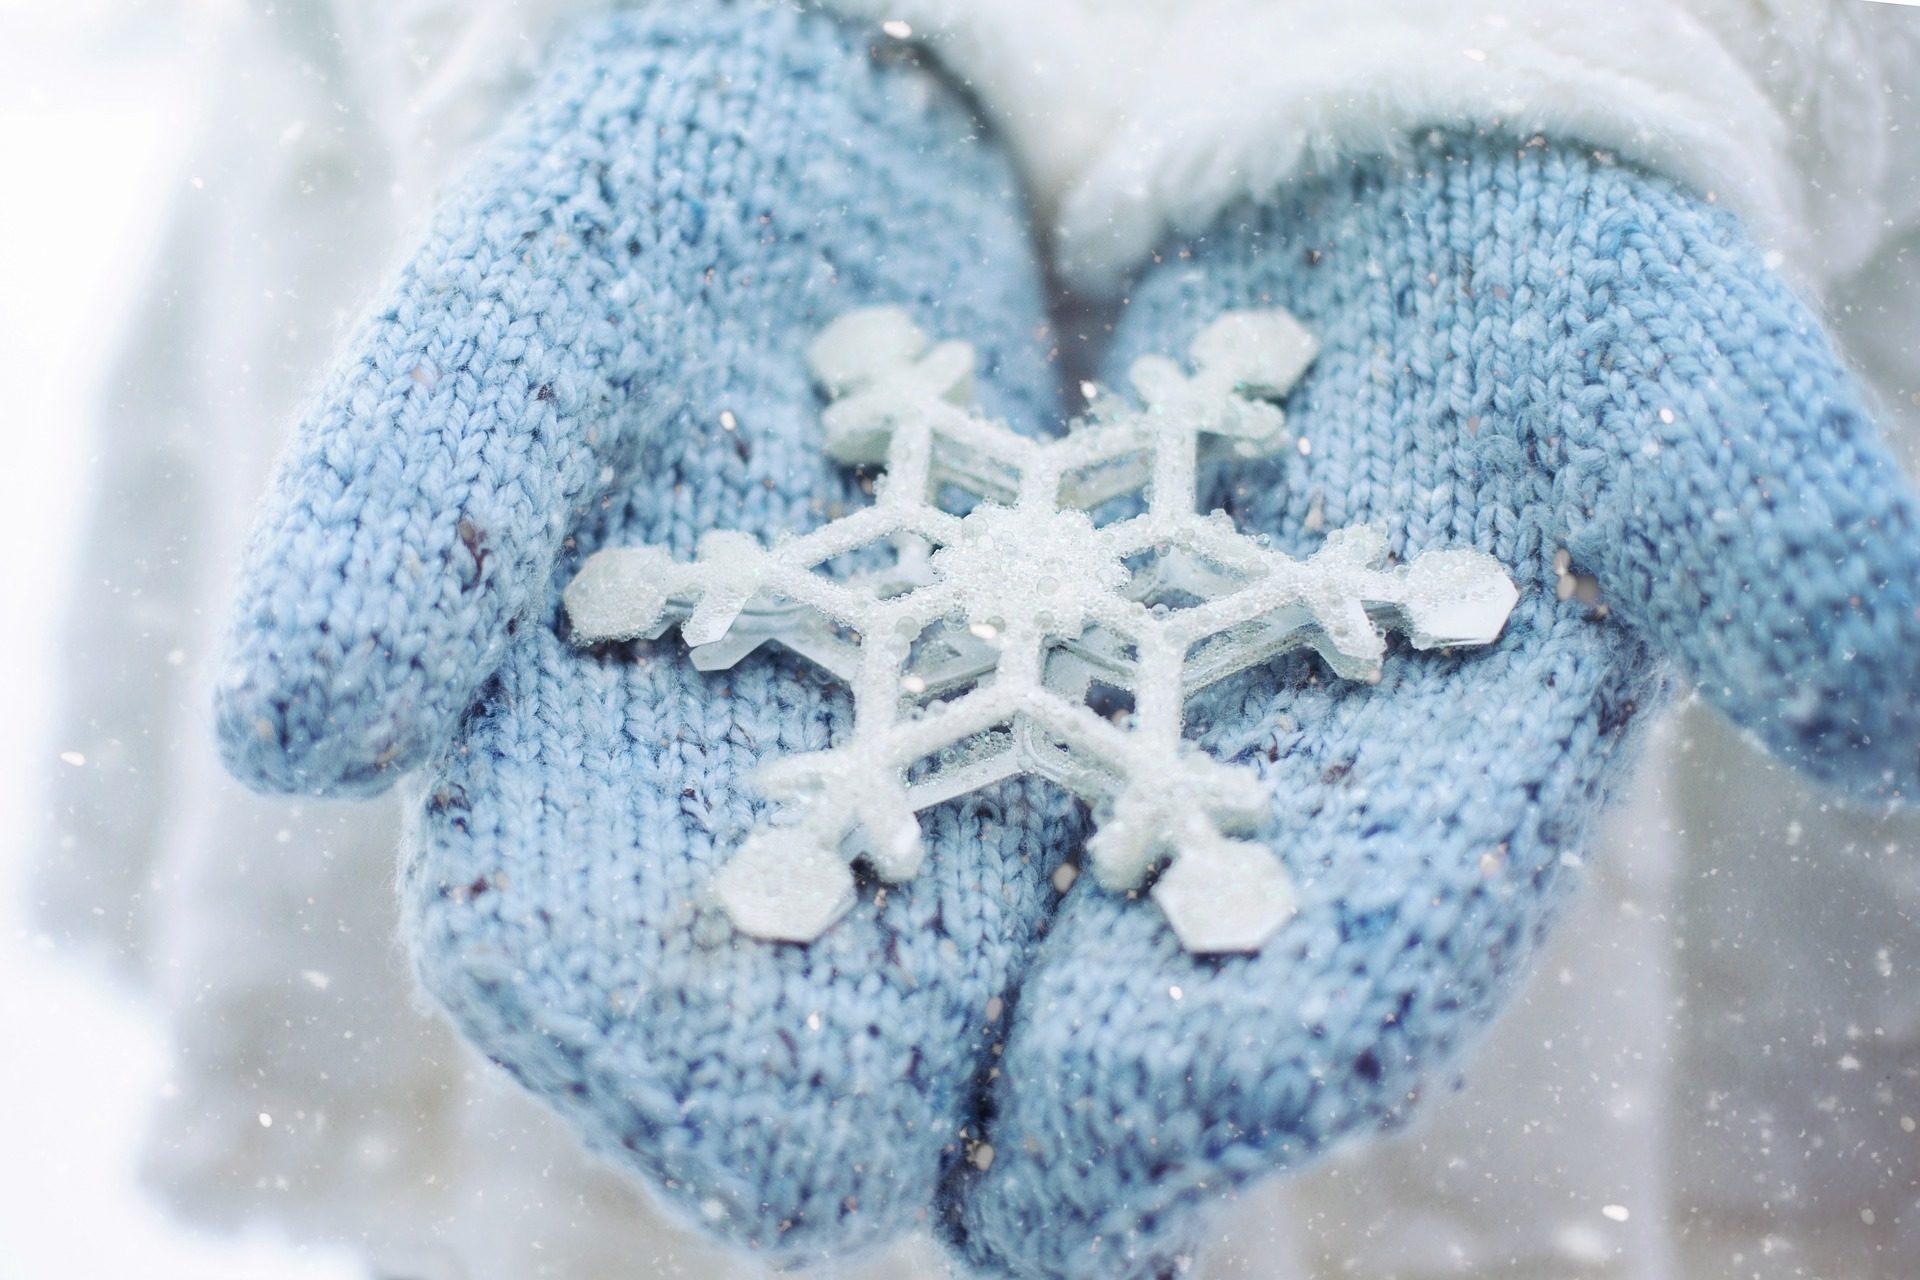 أيدي, قفازات, رقائق, الثلج, الباردة, فصل الشتاء - خلفيات عالية الدقة - أستاذ falken.com